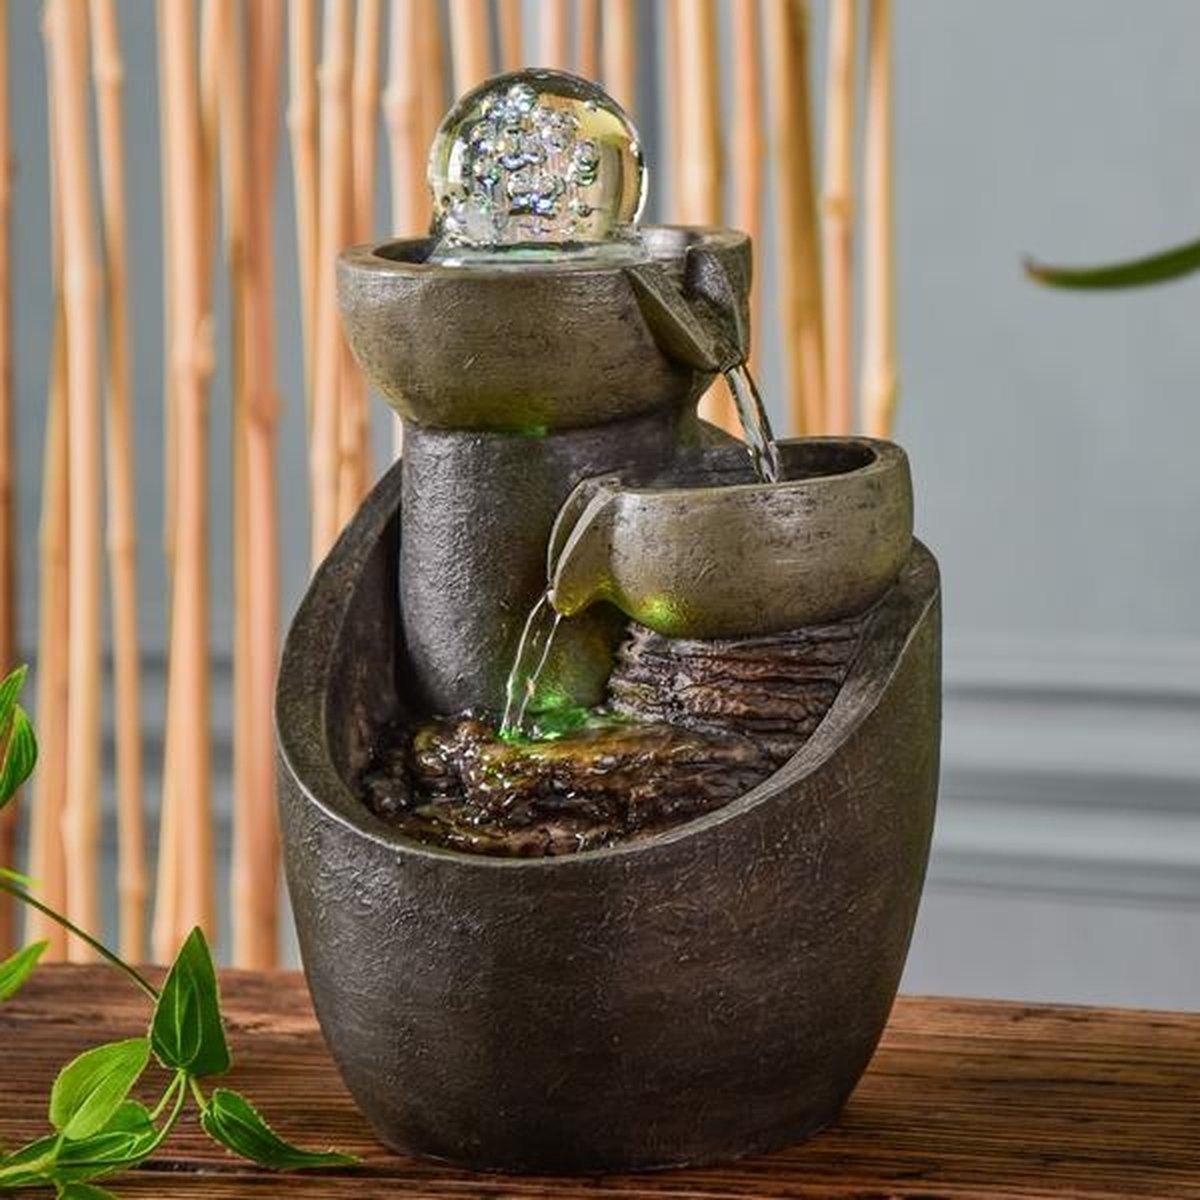 Malla Relax - fontein - interieur - fontein voor binnen - relaxeer - zen - waterornament - cadeau - geschenk - relatiegeschenk - origineel - lente - zomer - lentecollectie - zomercollectie - afkoeling - koelte